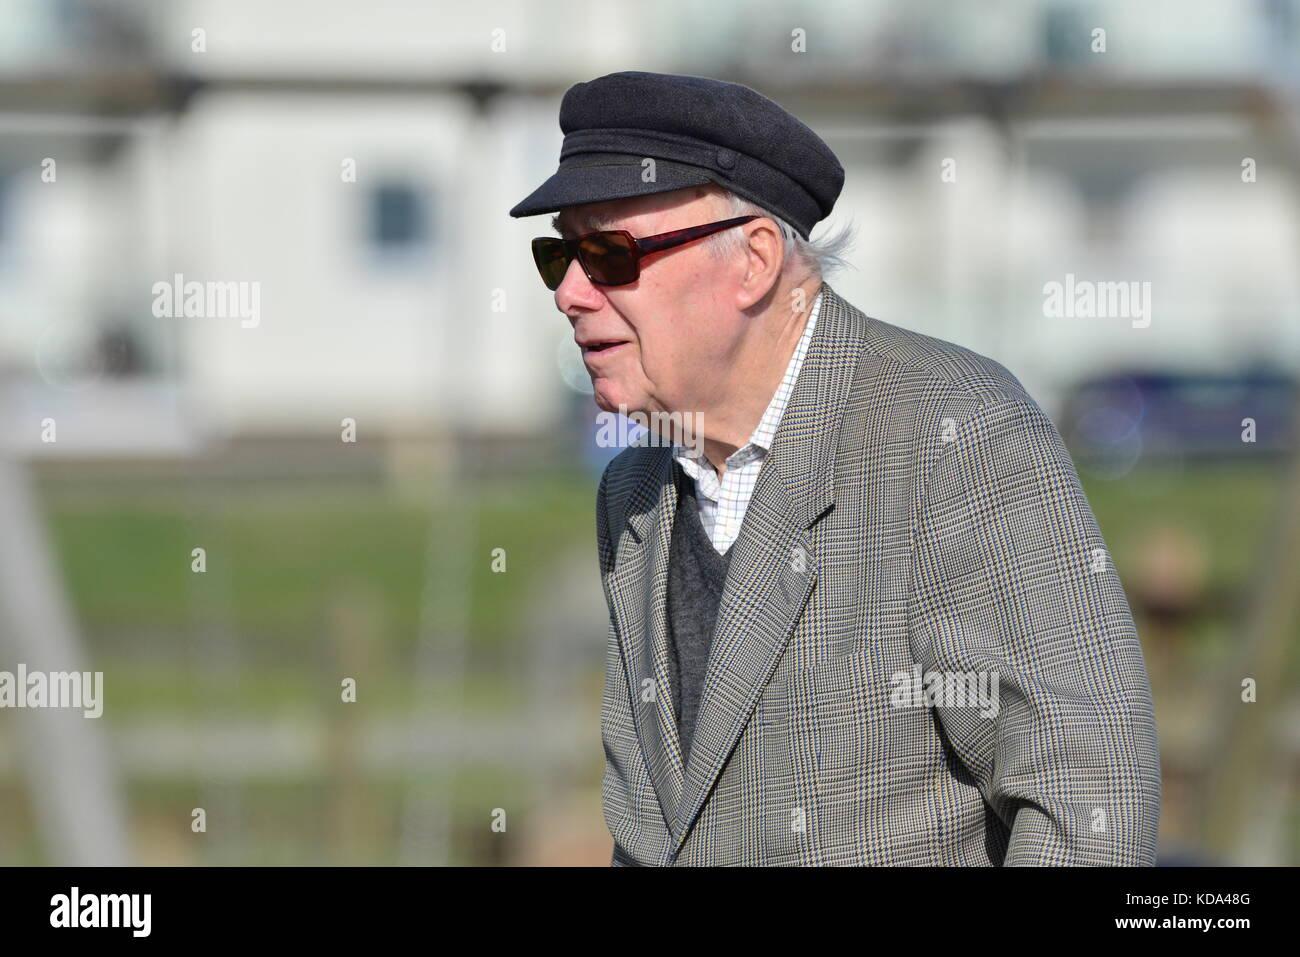 Old Man Wearing Flat Cap Stock Photos   Old Man Wearing Flat Cap ... 81ae61567ba